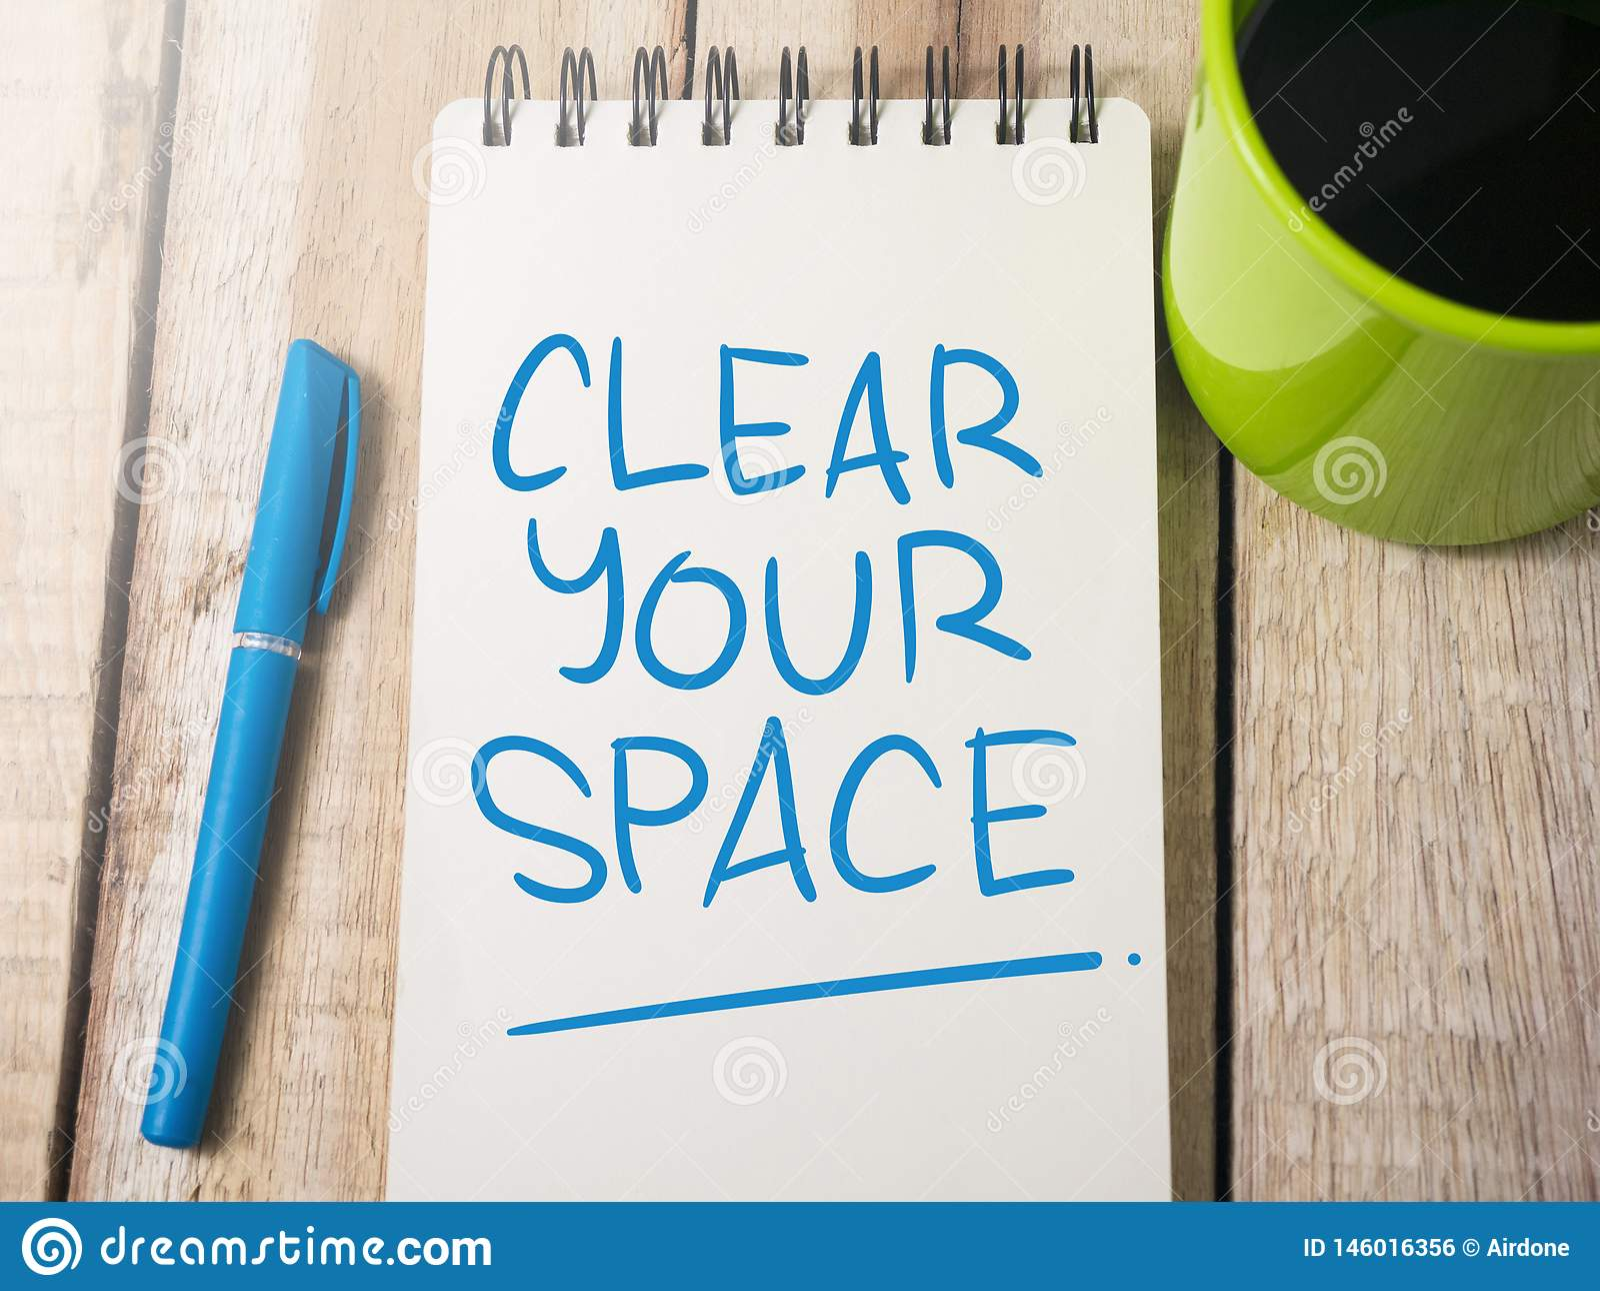 Καθαρίστε τη διαστημική, κινητήρια έννοια αποσπασμάτων λέξεών σας